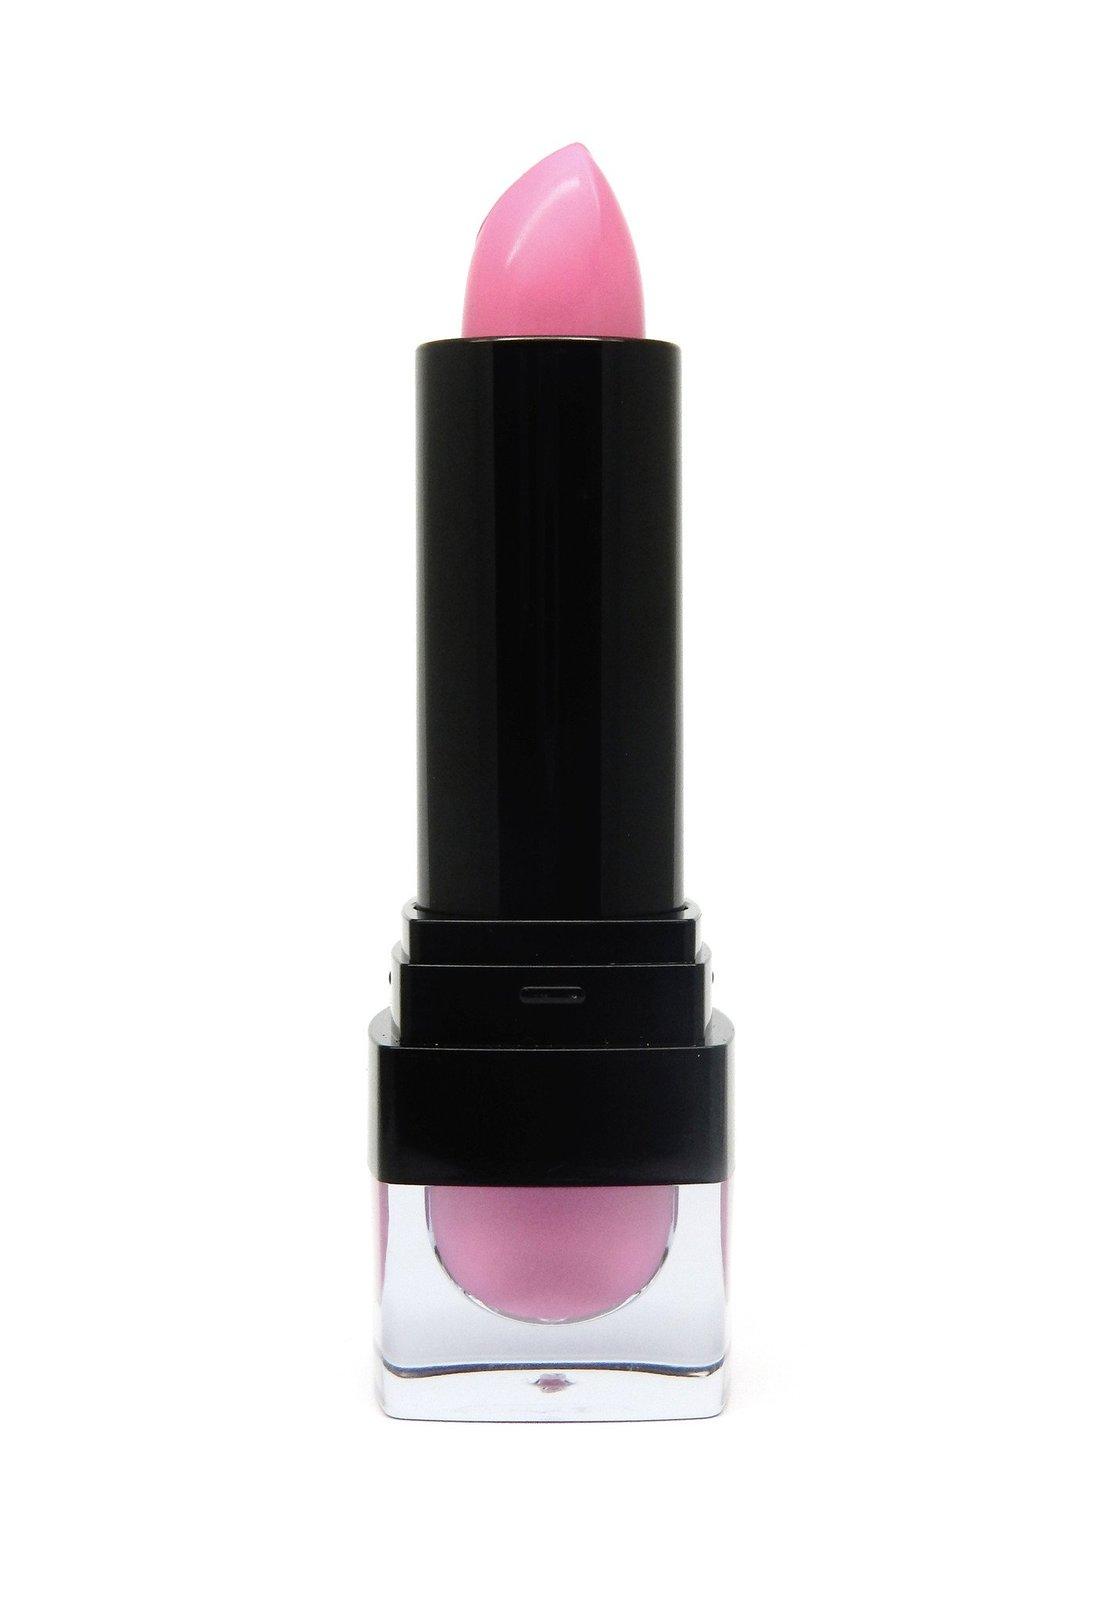 W7 Kiss Lipstick Mattes (Portofino) image